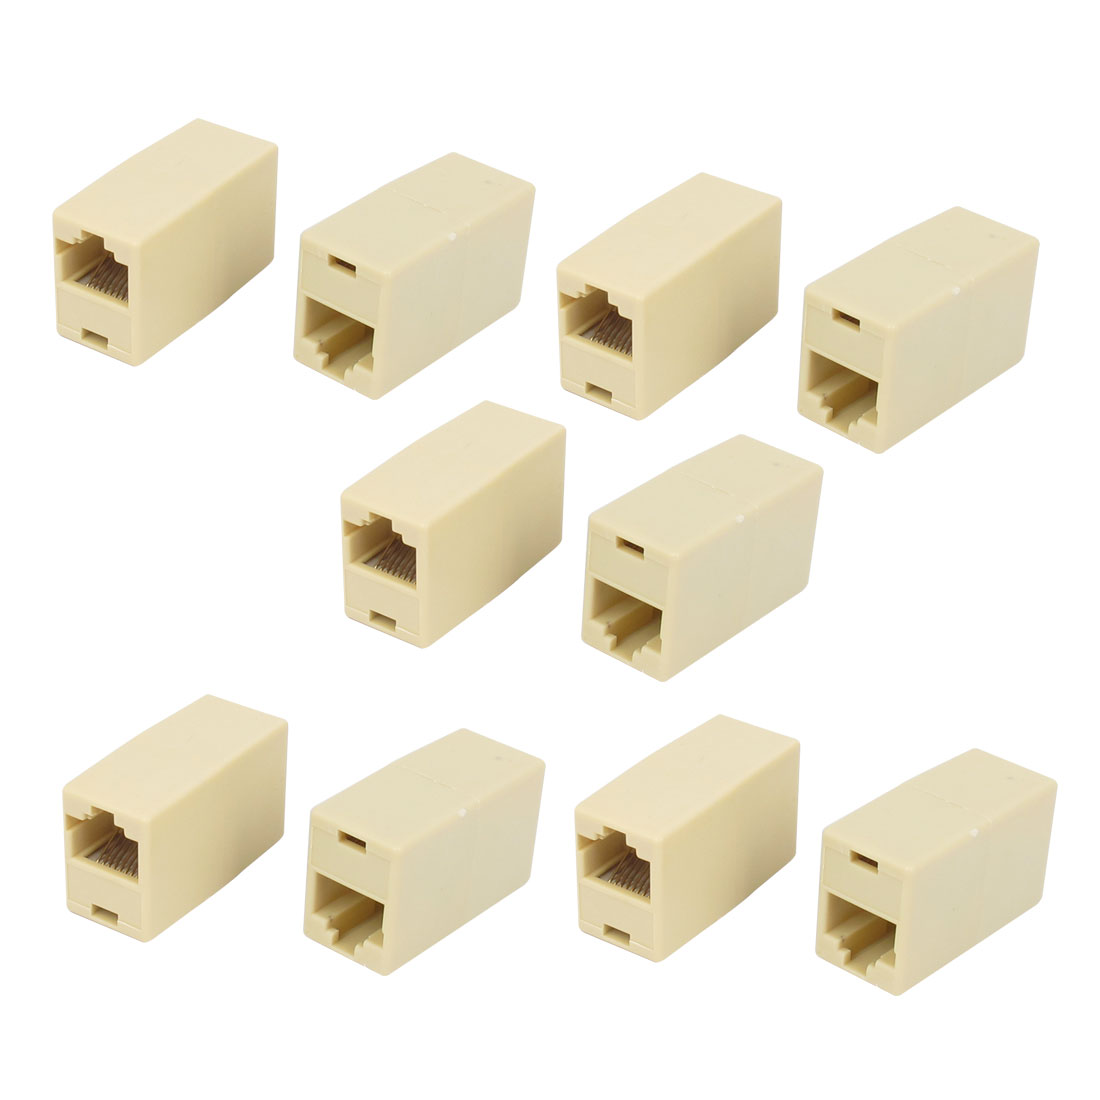 Unique Bargains10pcs RJ45 8P8C Female to Female F/F Network Cable Coupler Connector Extender